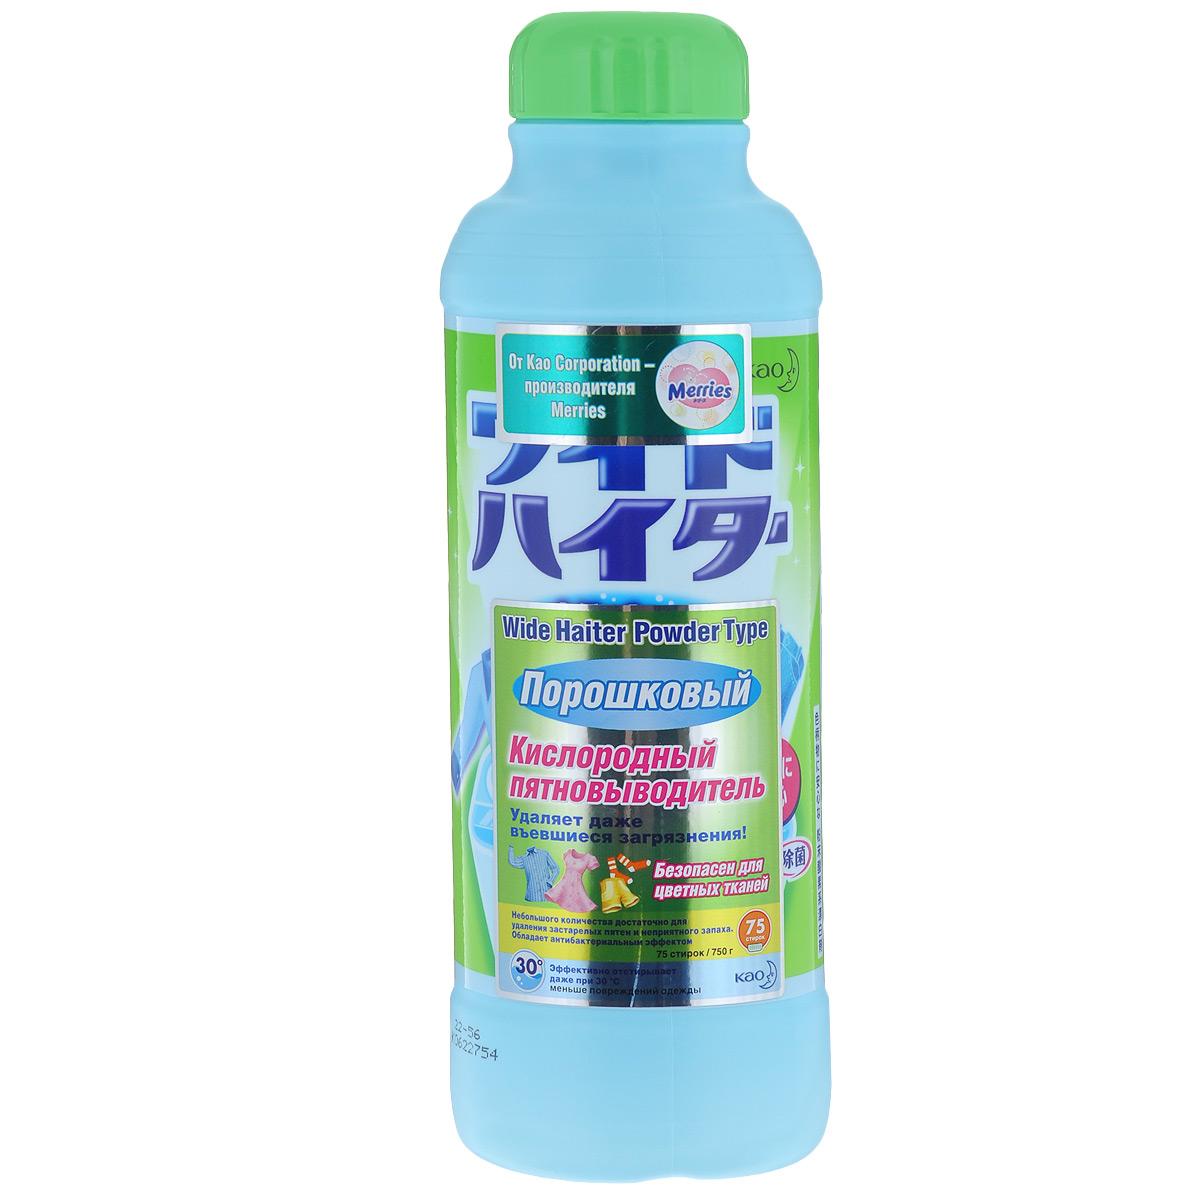 Пятновыводитель порошковый Wide Haiter, кислородный, 750 г391602Кислородный пятновыводитель Wide Haiter подходит для белых, цветных, темных тканей (хлопок, лен, синтетические ткани, шерсть, шелк). Безопасен для цветных тканей. Превосходно удаляет загрязнения даже в холодной воде. Пятновыводитель можно использовать как на отдельных загрязненных участках, так и добавлять во время стирки в стиральной машине. Обладает антибактериальным и дезодорирующим эффектом.Вес: 750 г. Состав: 30% и более кислородный отбеливатель, менее 5% стабилизатор, неионогенные ПАВ, отдушка, энзим. Товар сертифицирован.